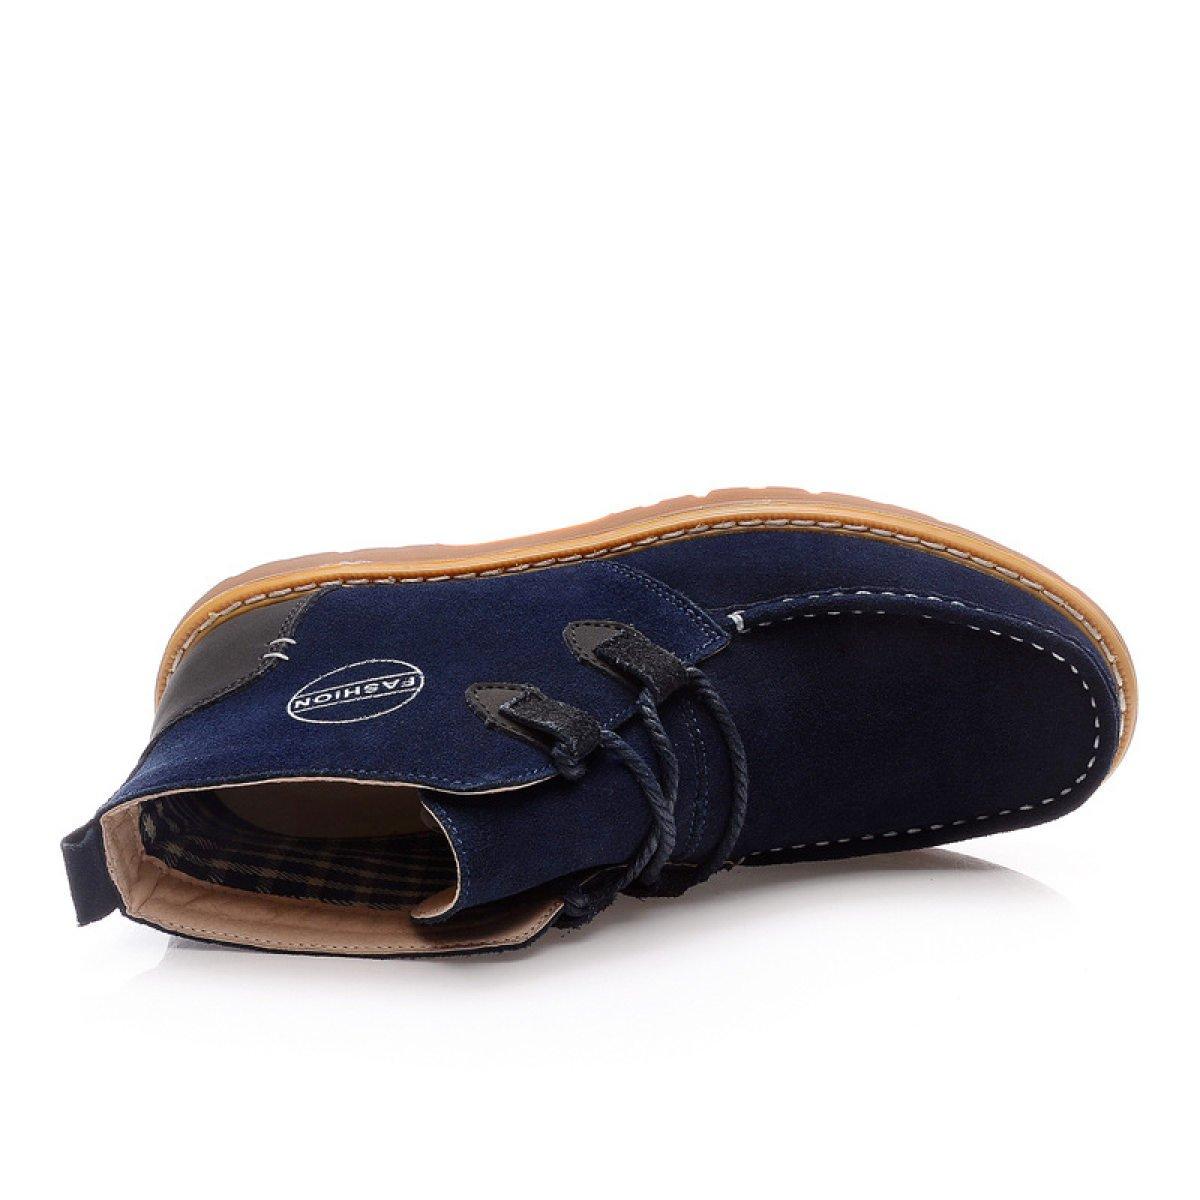 Männer Leder Hohe Hilfe Lässig Rutschfest Herrenschuhe England Stiefel Tragen Rutschfest Lässig Kurze Stiefel Blau cd5209